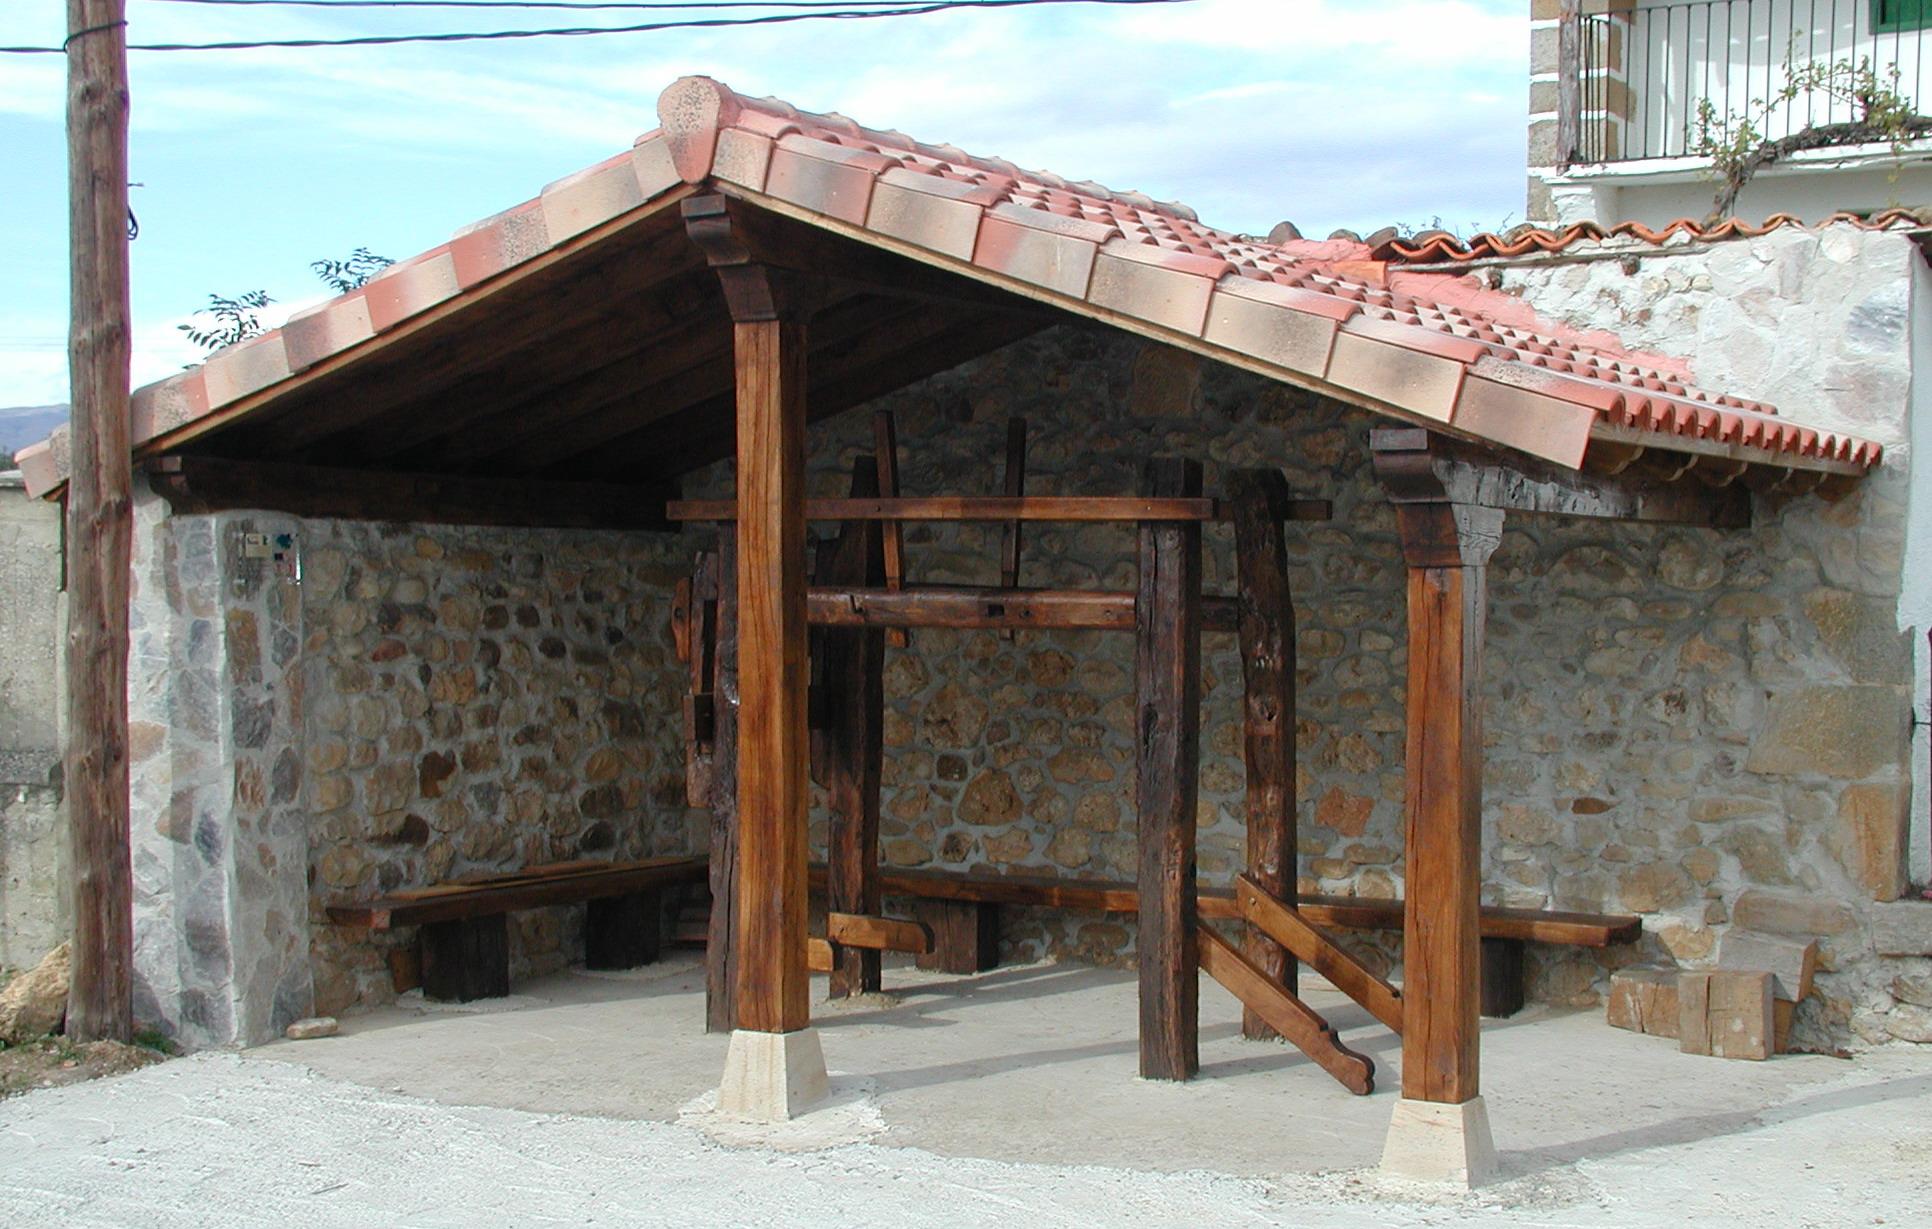 2007 10 01 El Potro (3)